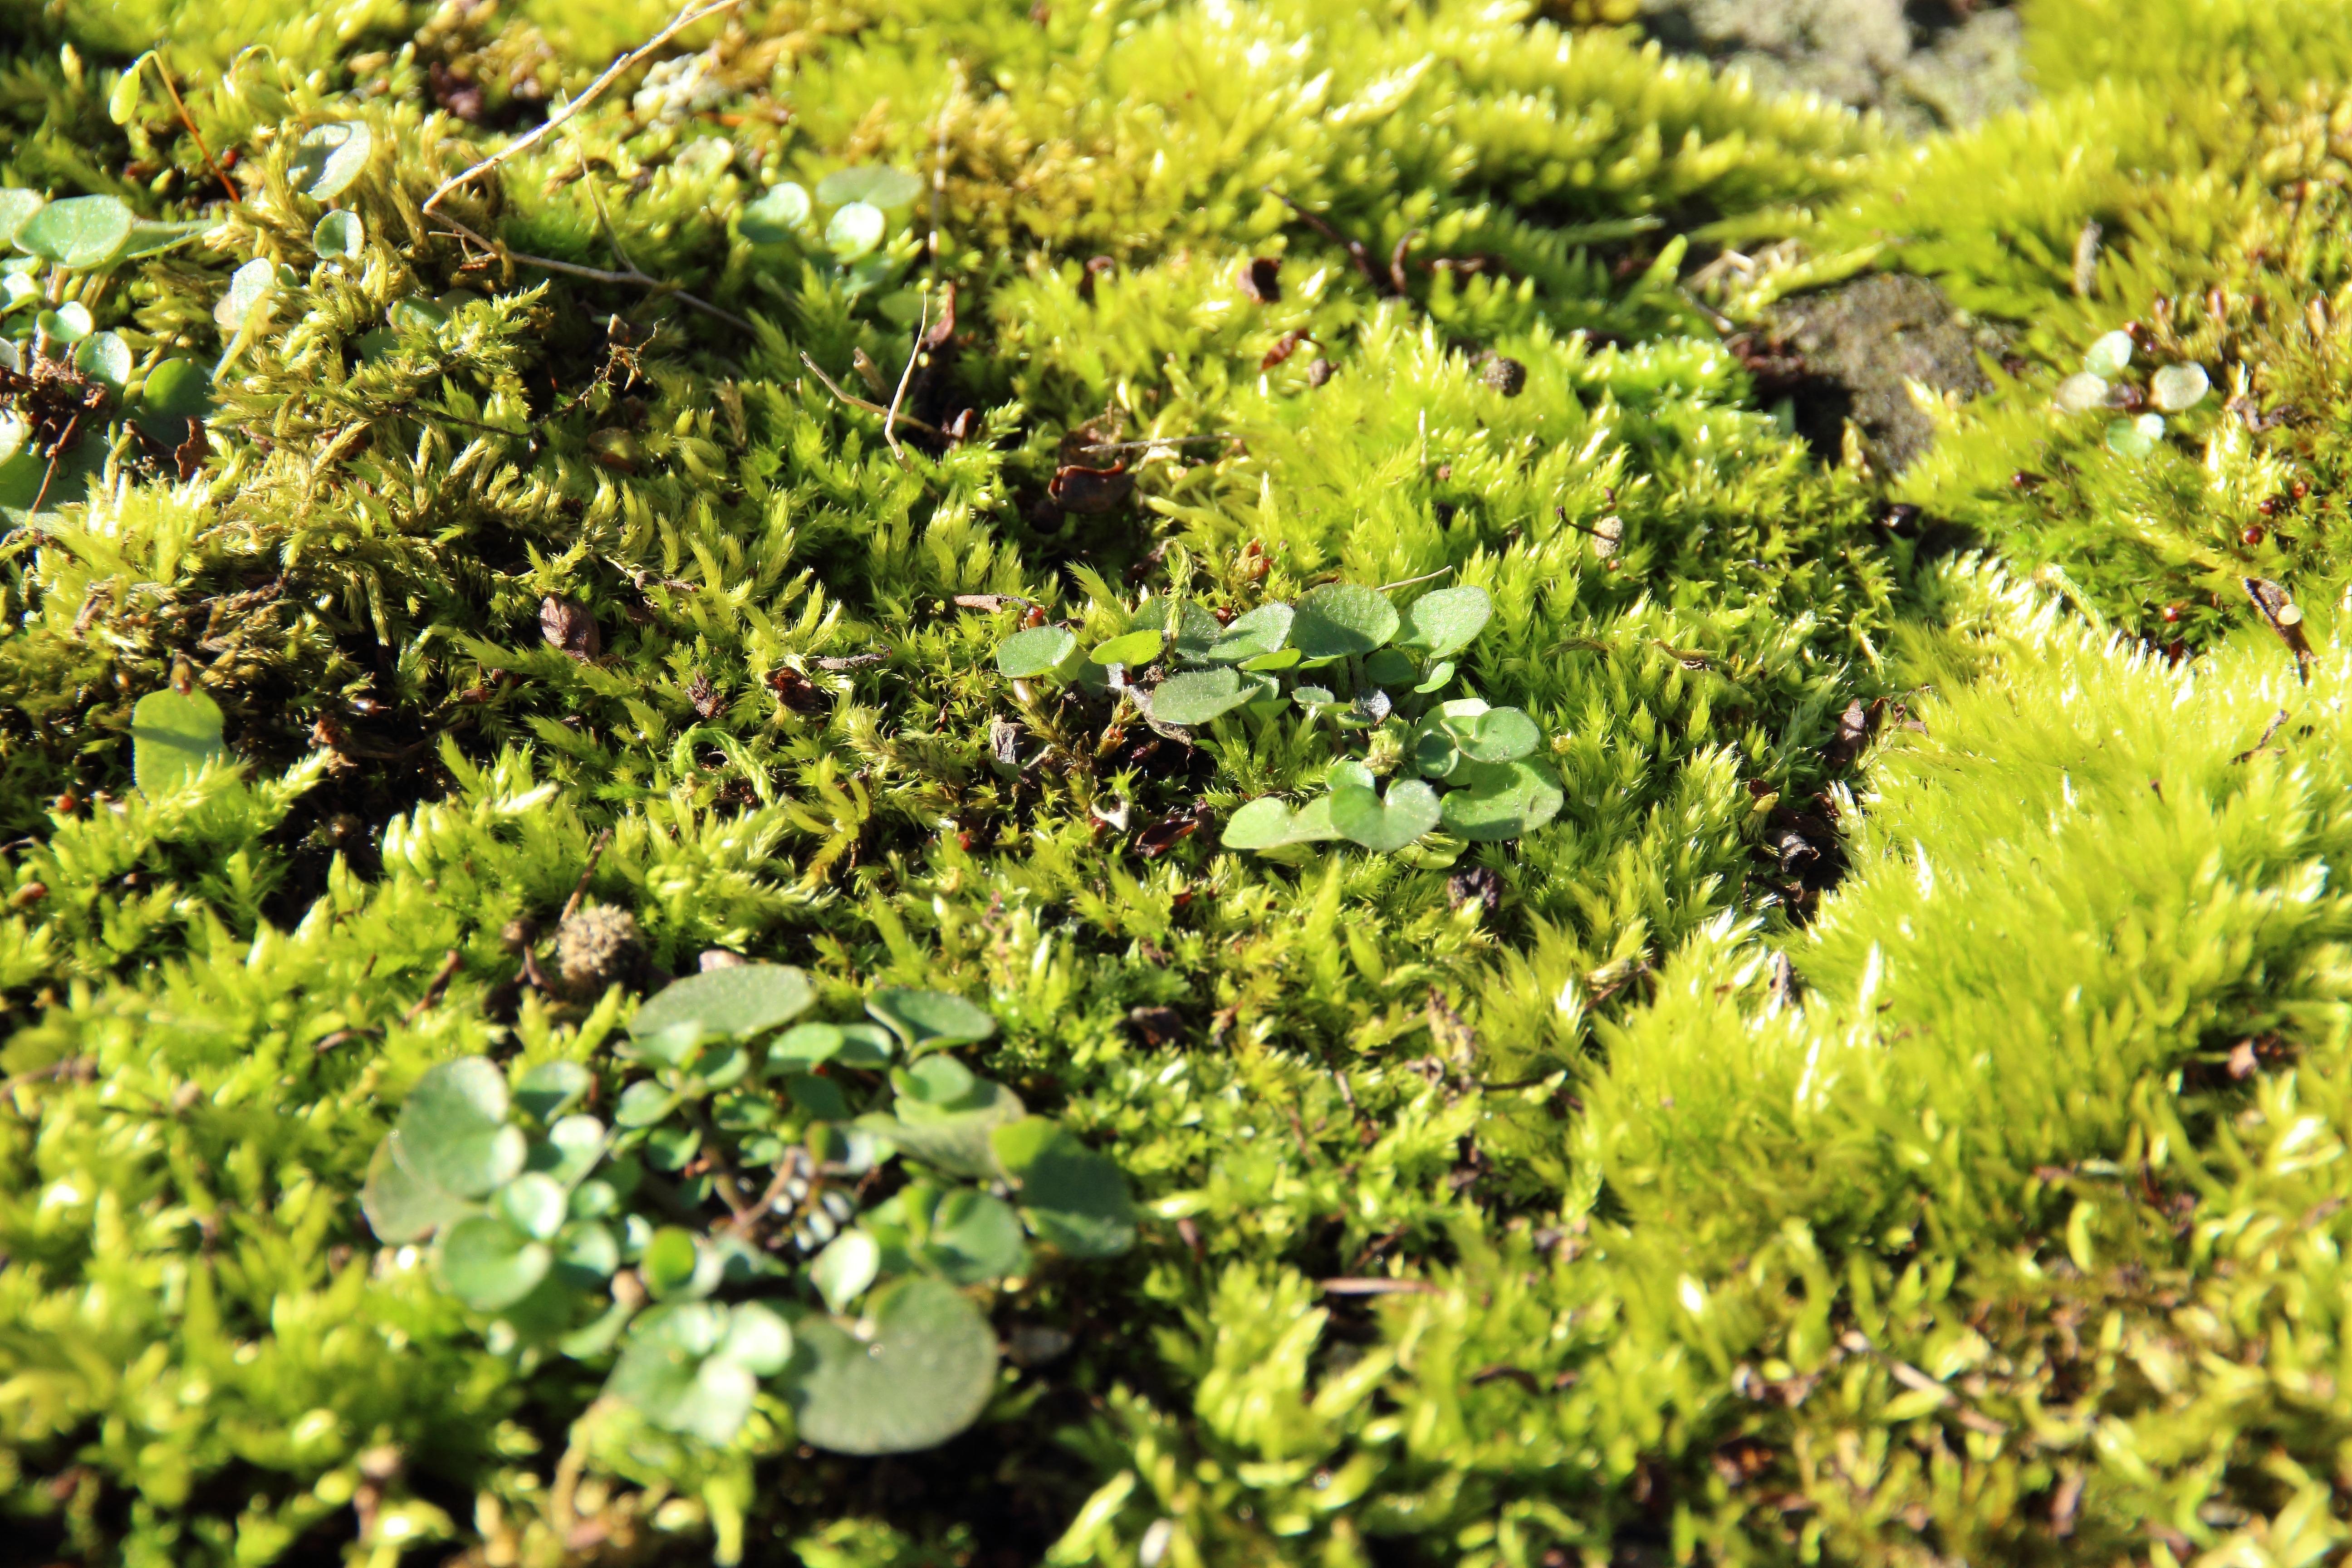 images gratuites arbre for t herbe pelouse feuille fleur mousse vert duveteux. Black Bedroom Furniture Sets. Home Design Ideas